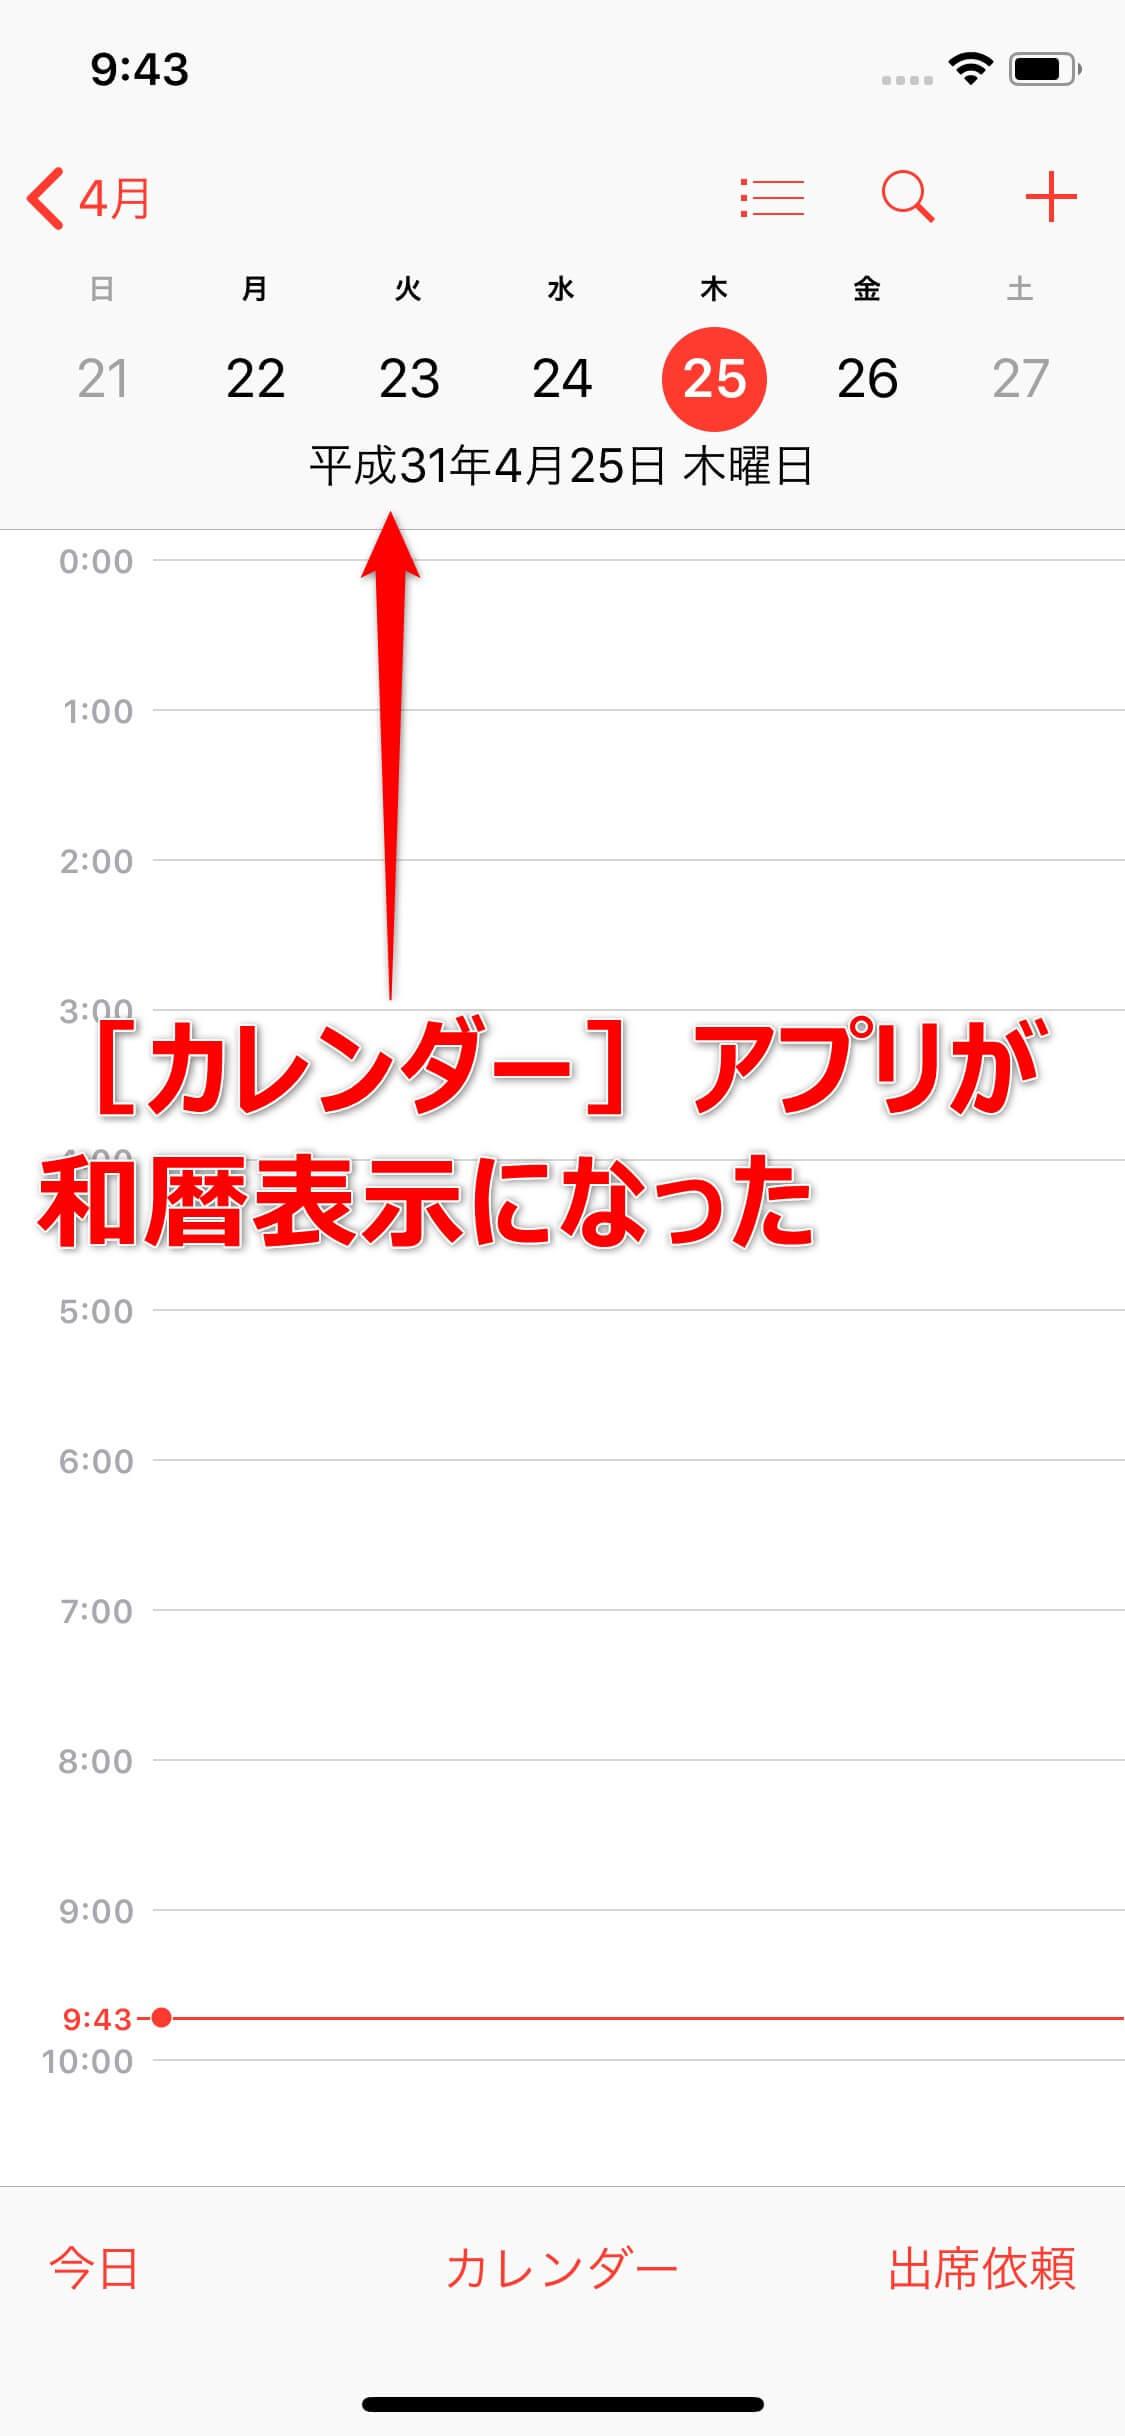 iPhone(アイフォーン)のカレンダーアプリが和暦表示になった画面